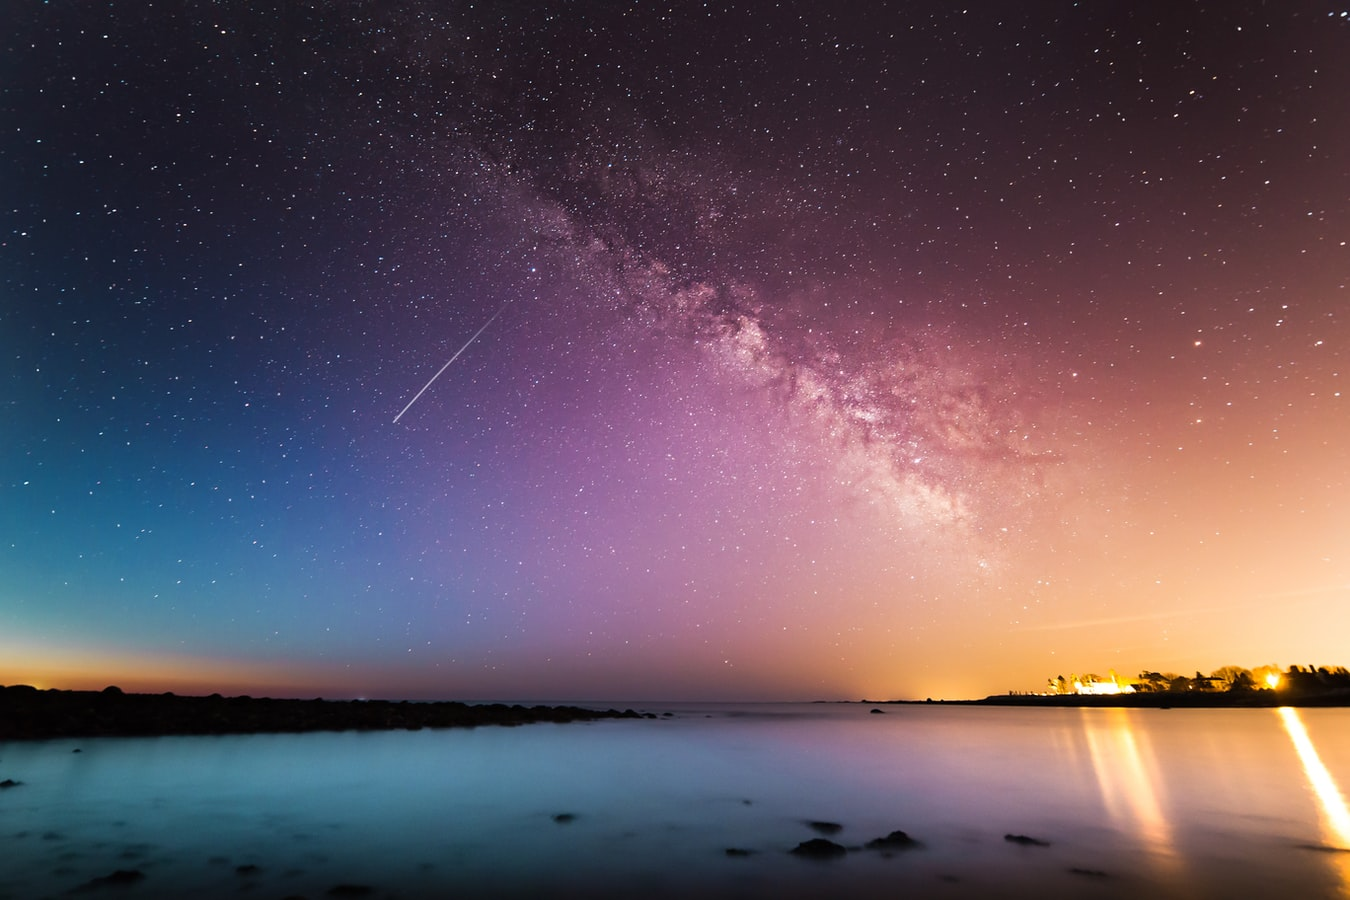 ファンタジーのような美しい夜空